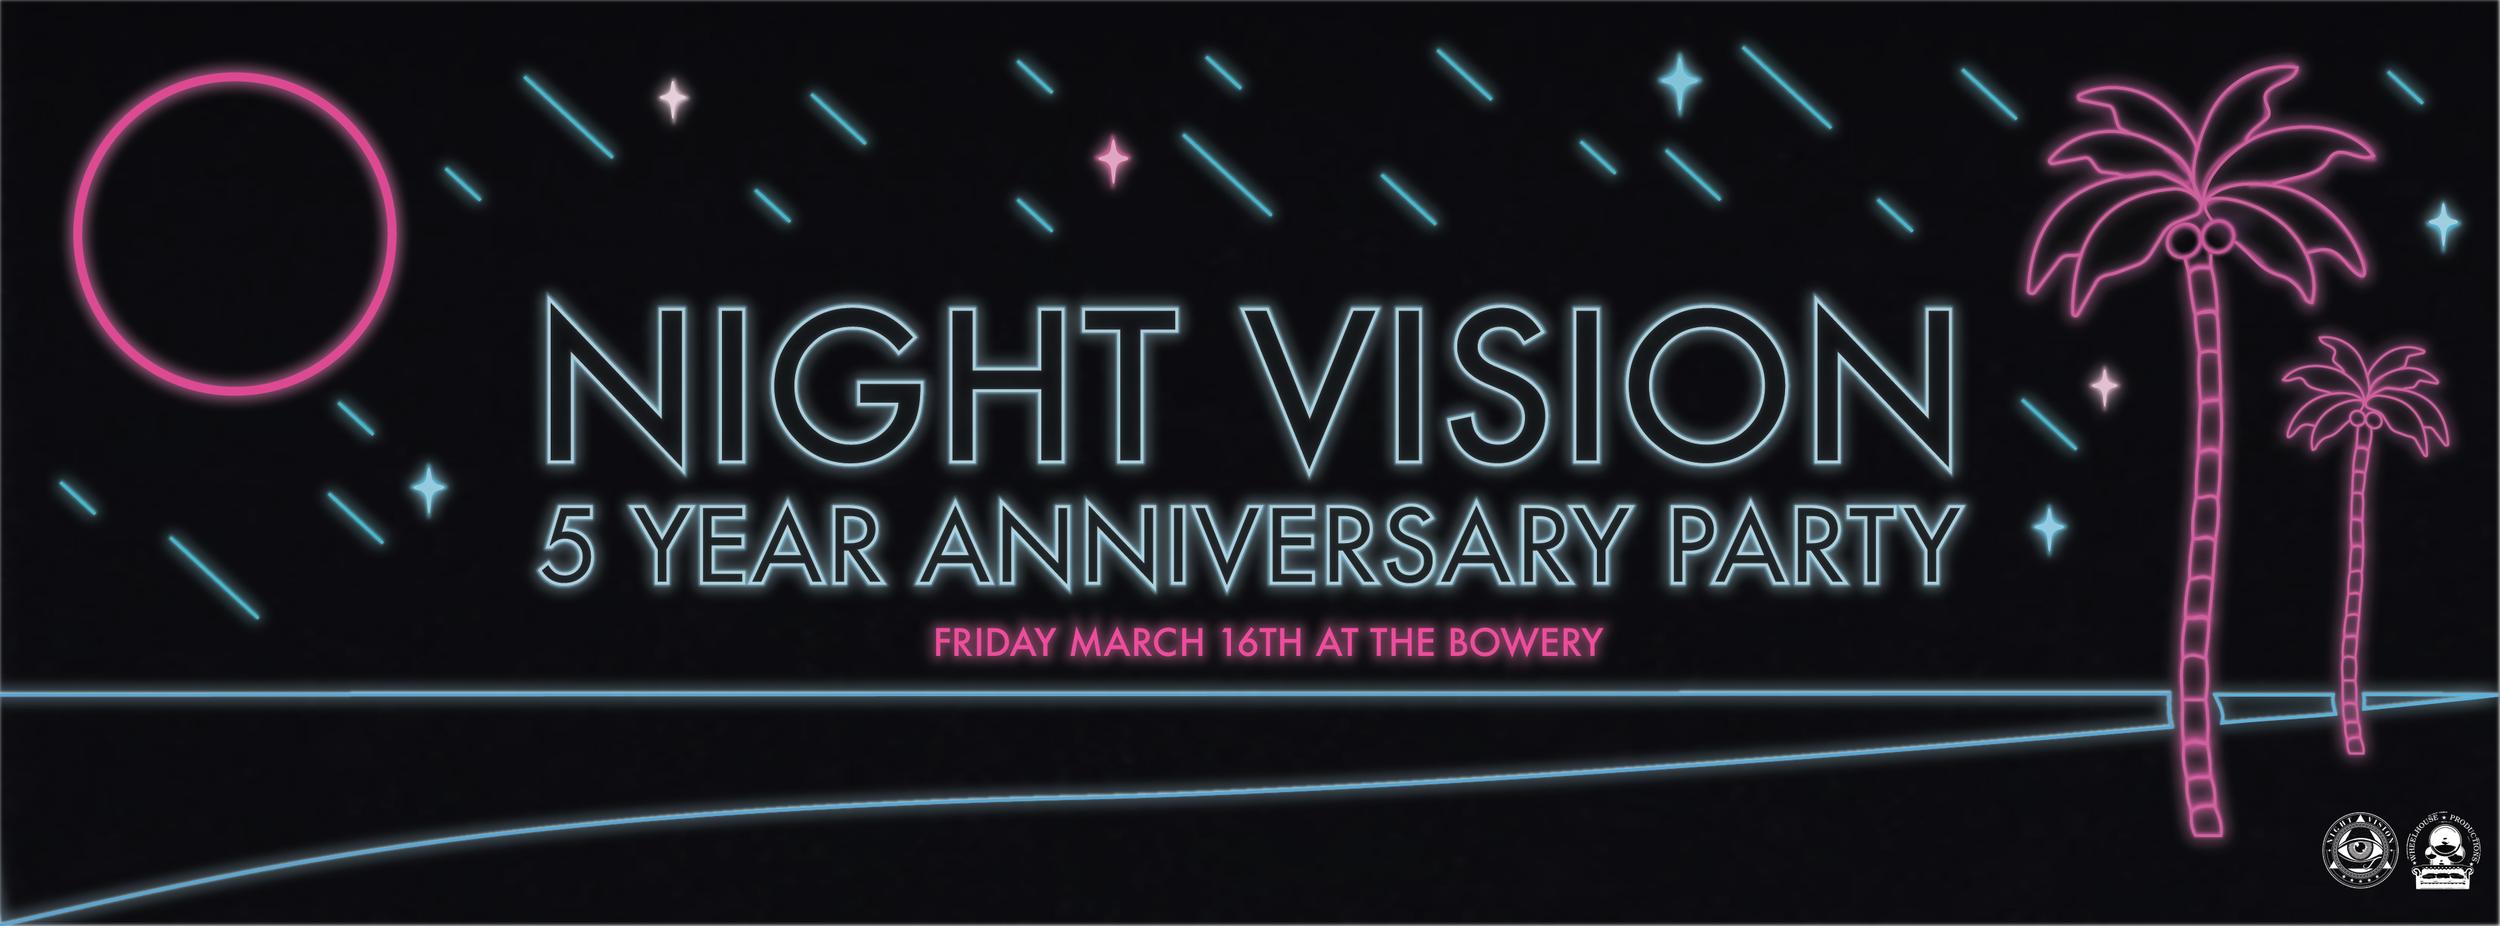 Night Vision 5 Year Anniversary